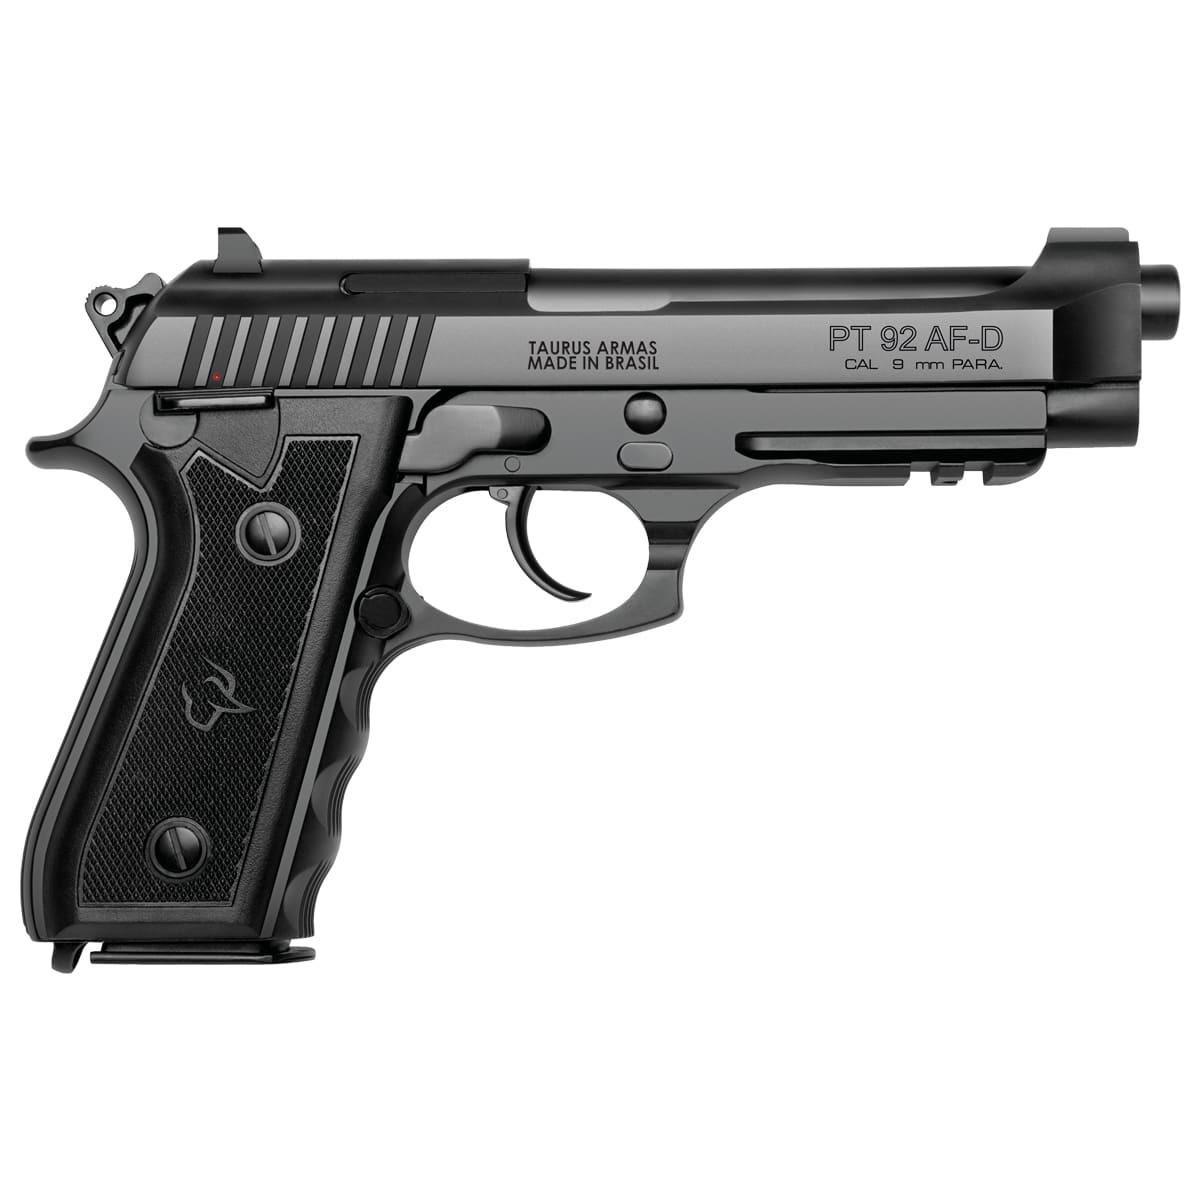 Pistola Taurus 92 AFD Calibre .9mm